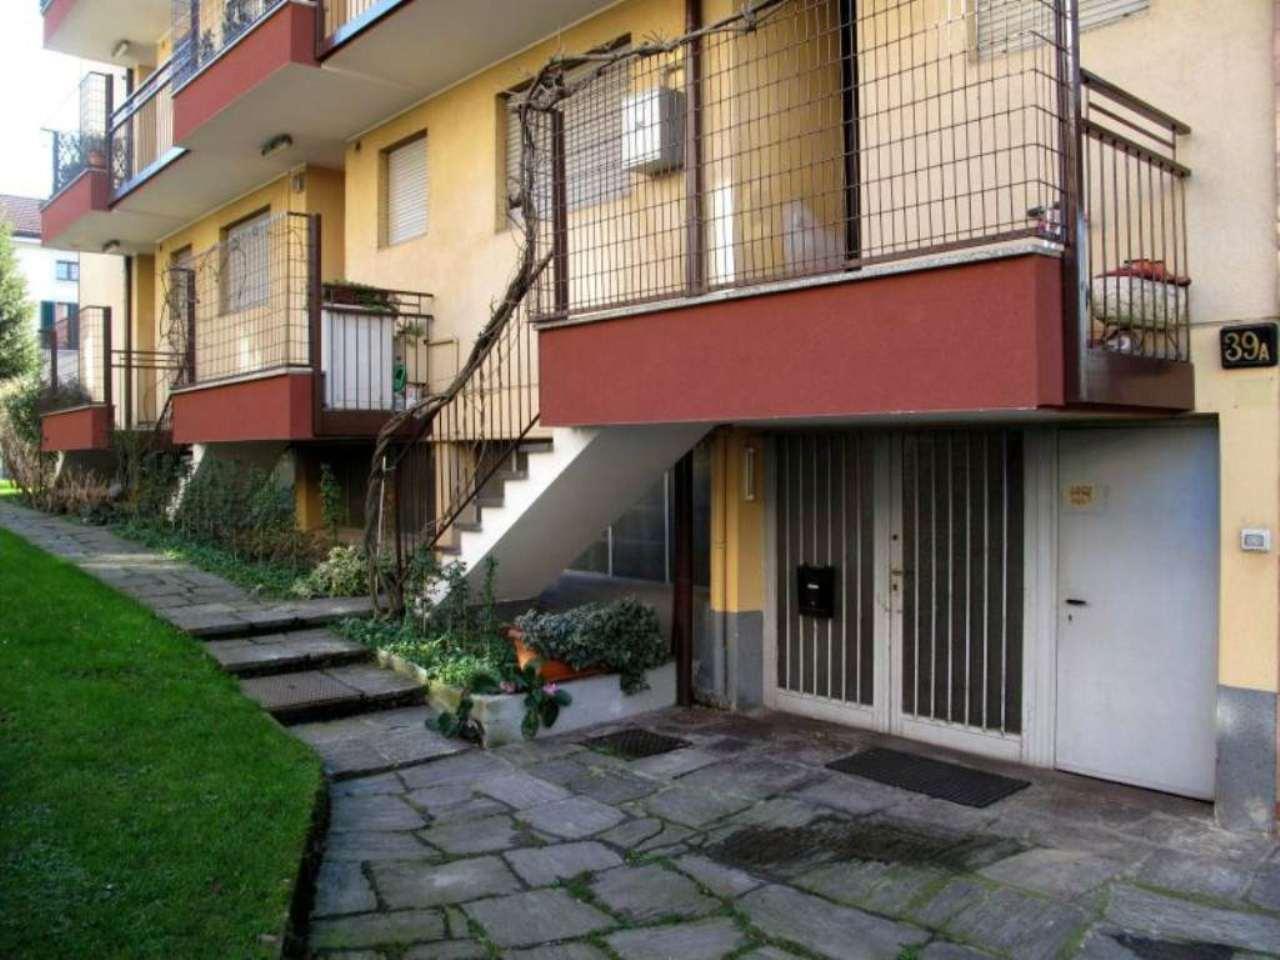 Laboratorio in vendita a Milano, 1 locali, zona Zona: 17 . Quarto Oggiaro, Villapizzone, Certosa, Vialba, prezzo € 95.000   Cambio Casa.it